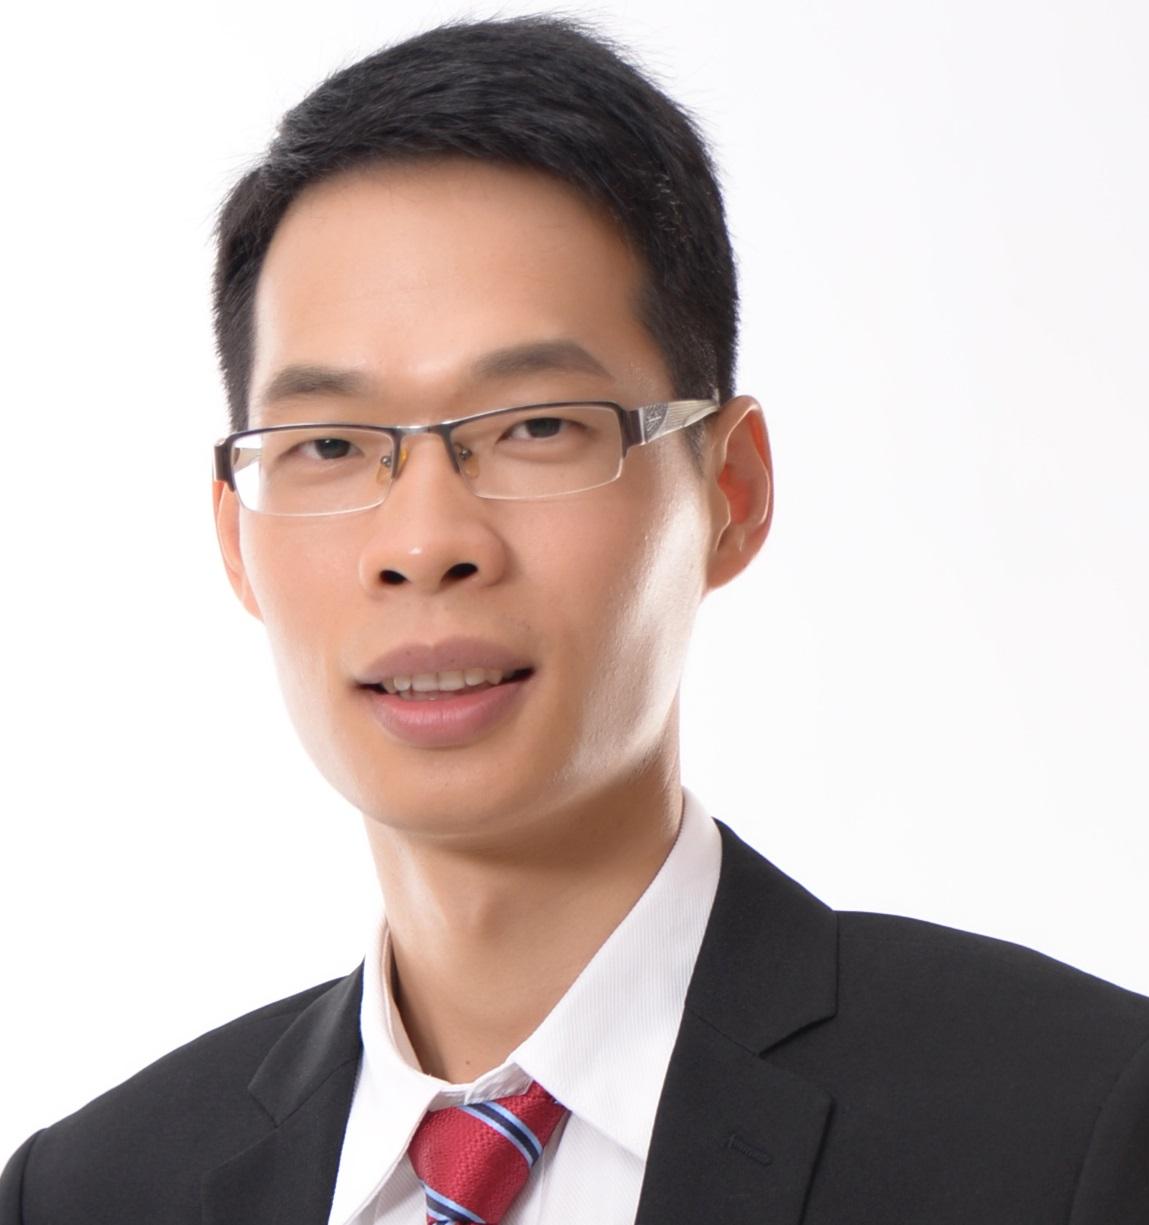 横栏镇律师-周智文律师